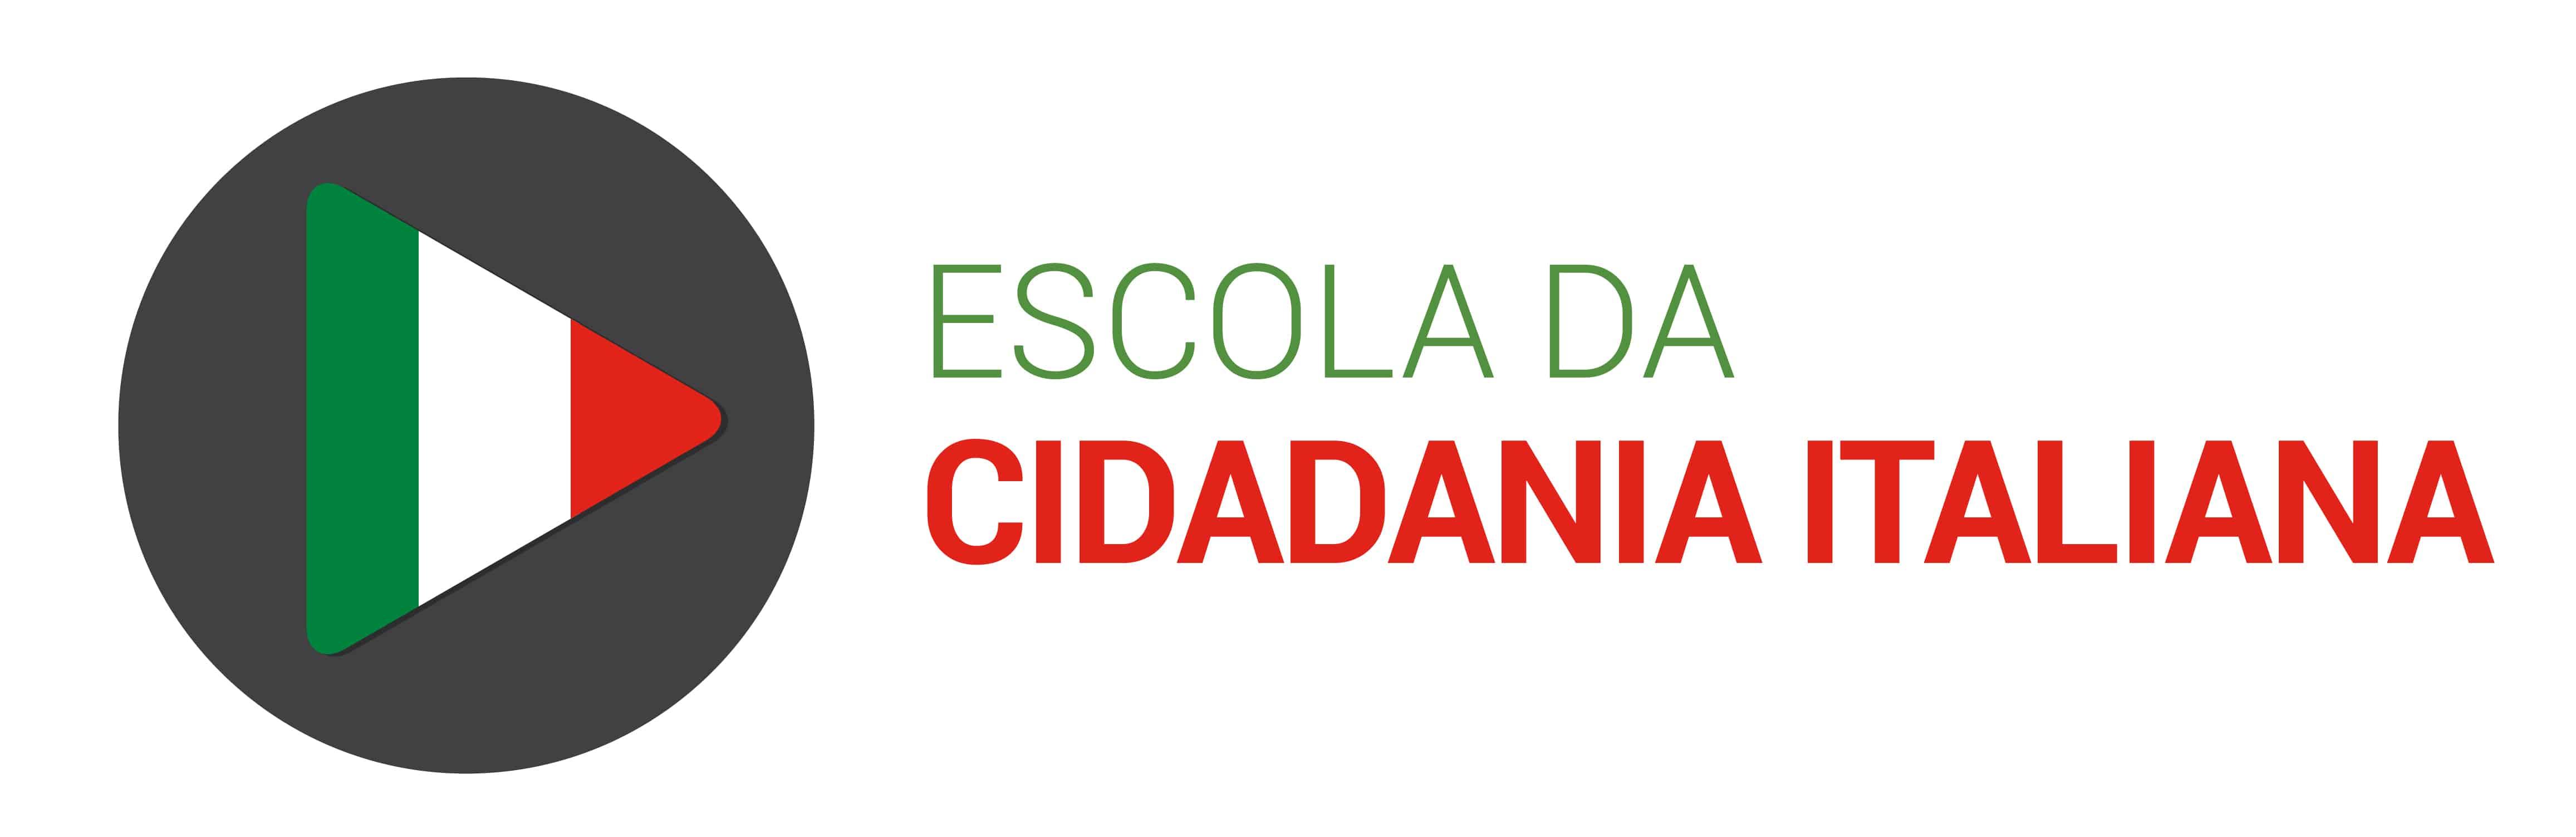 Escola da Cidadania Italiana